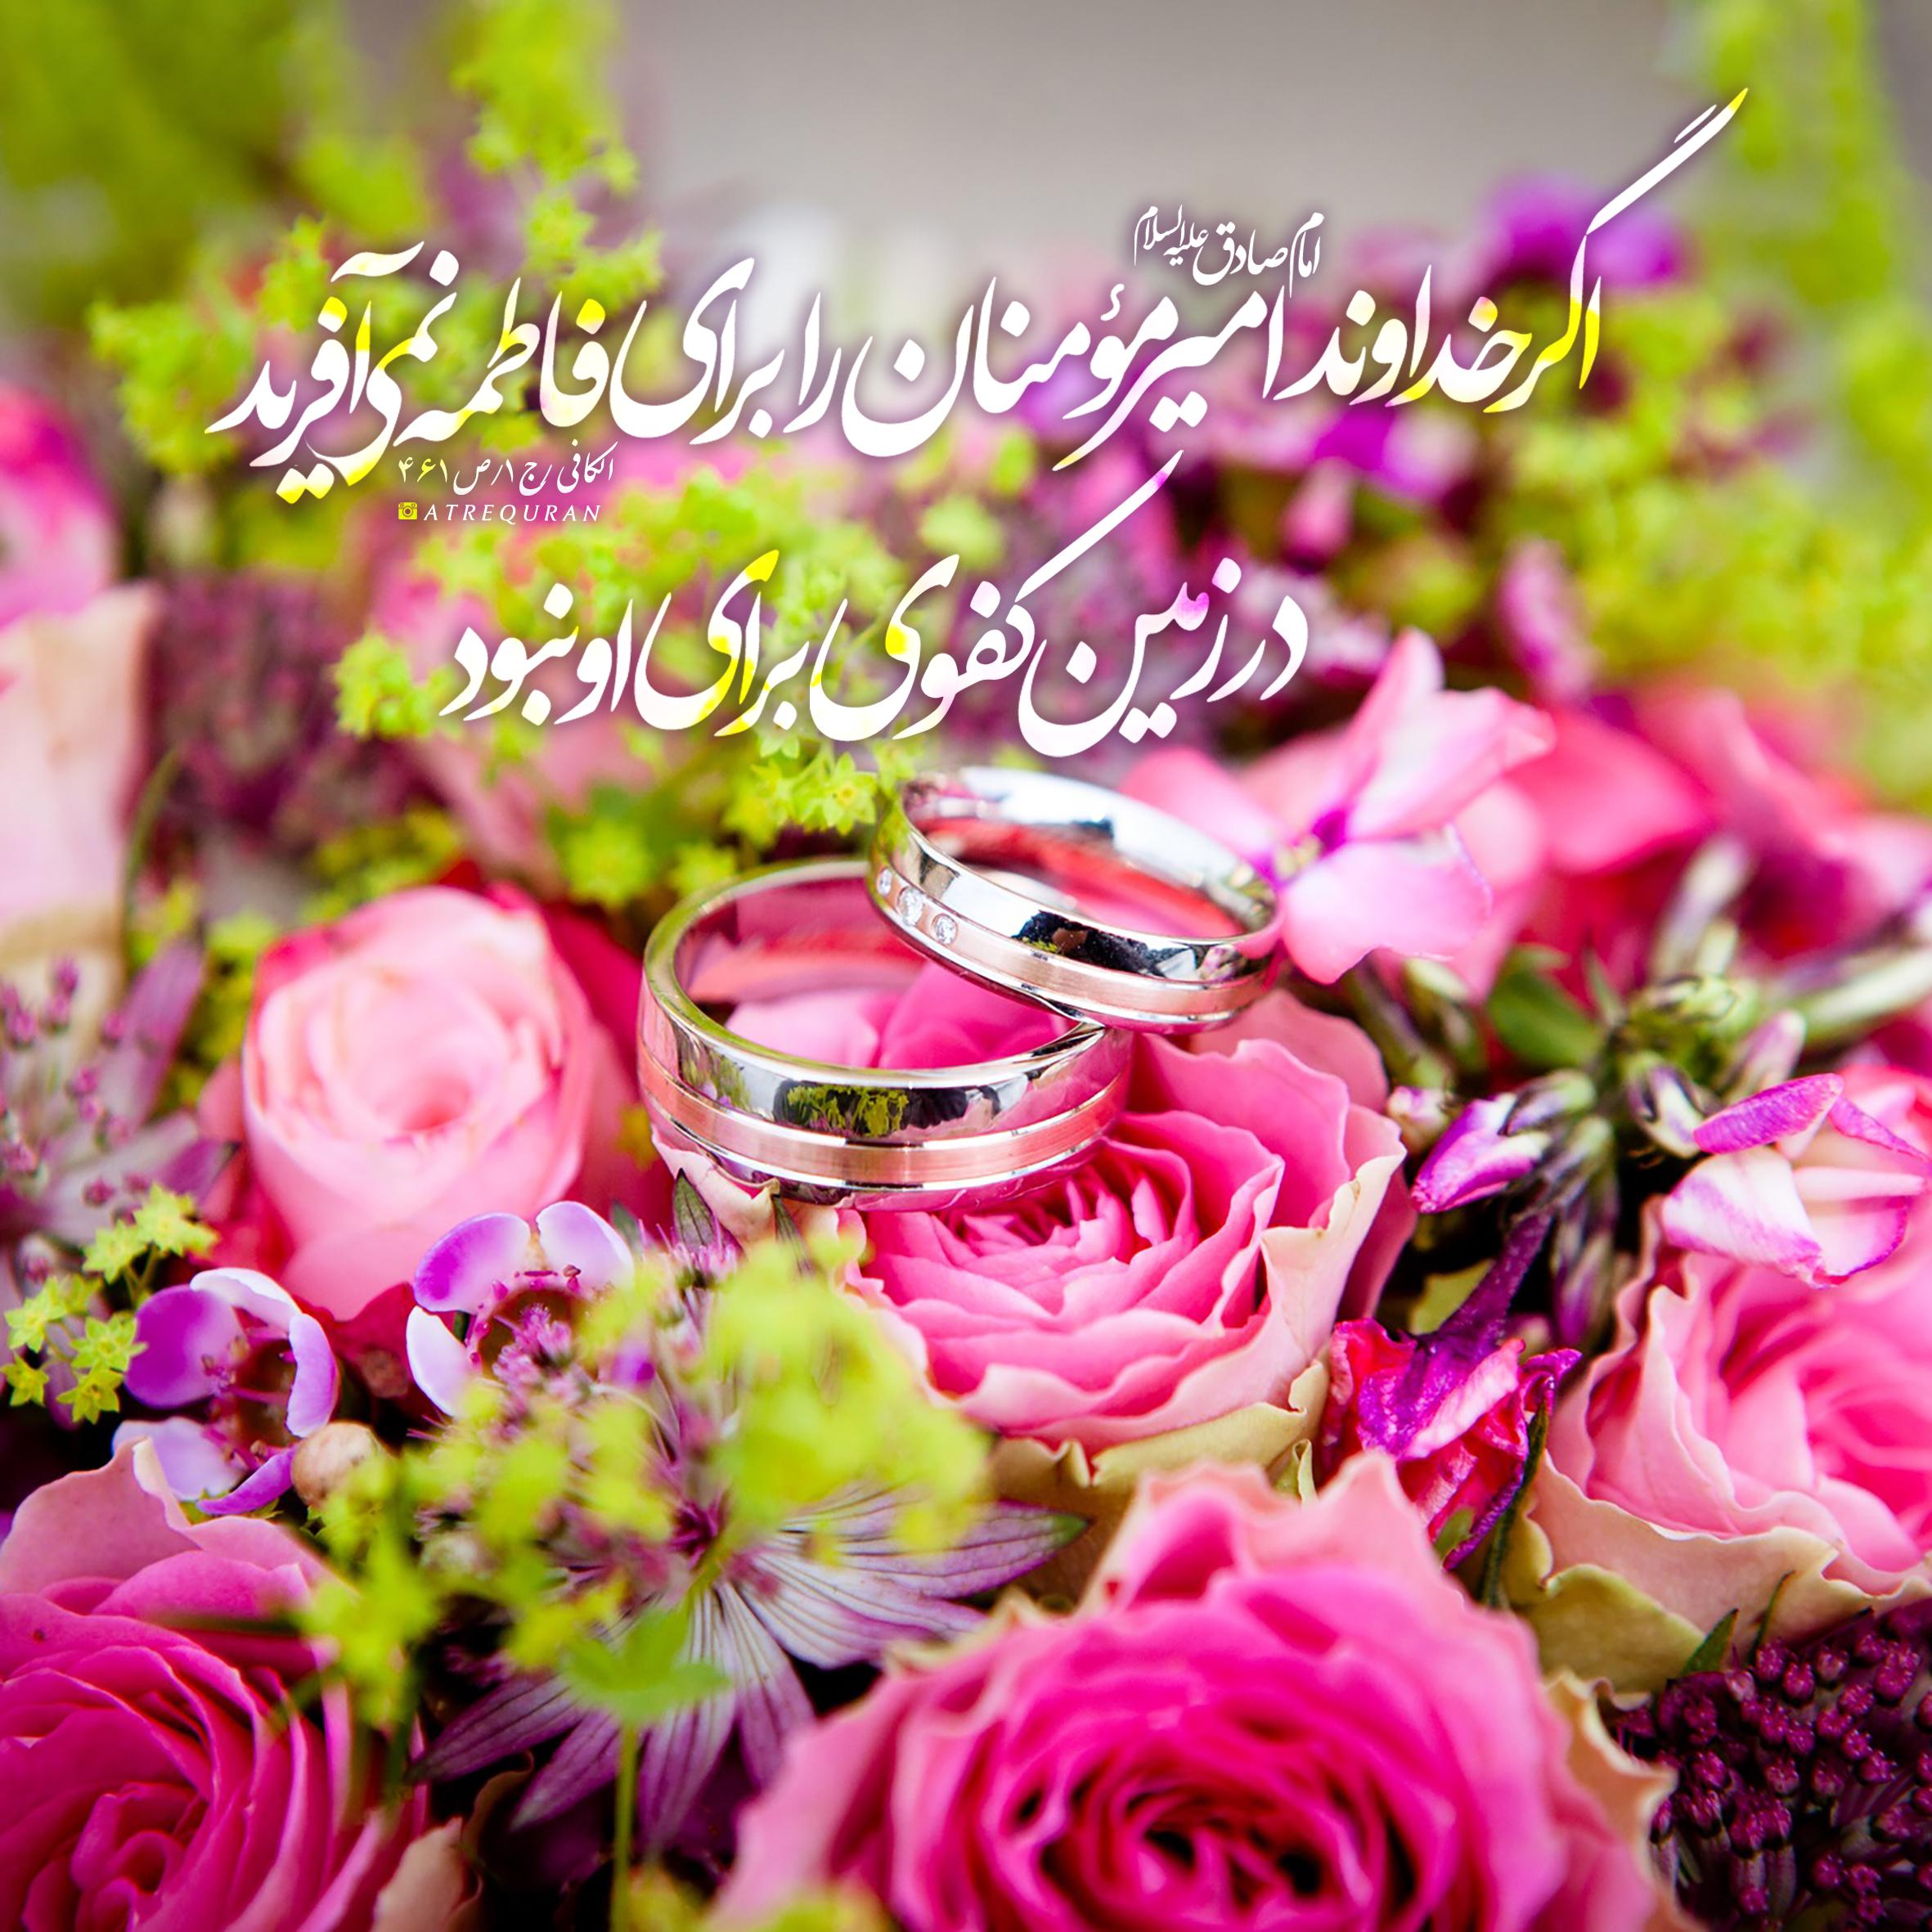 هم کفو فاطمه زهرا سلام الله علیها